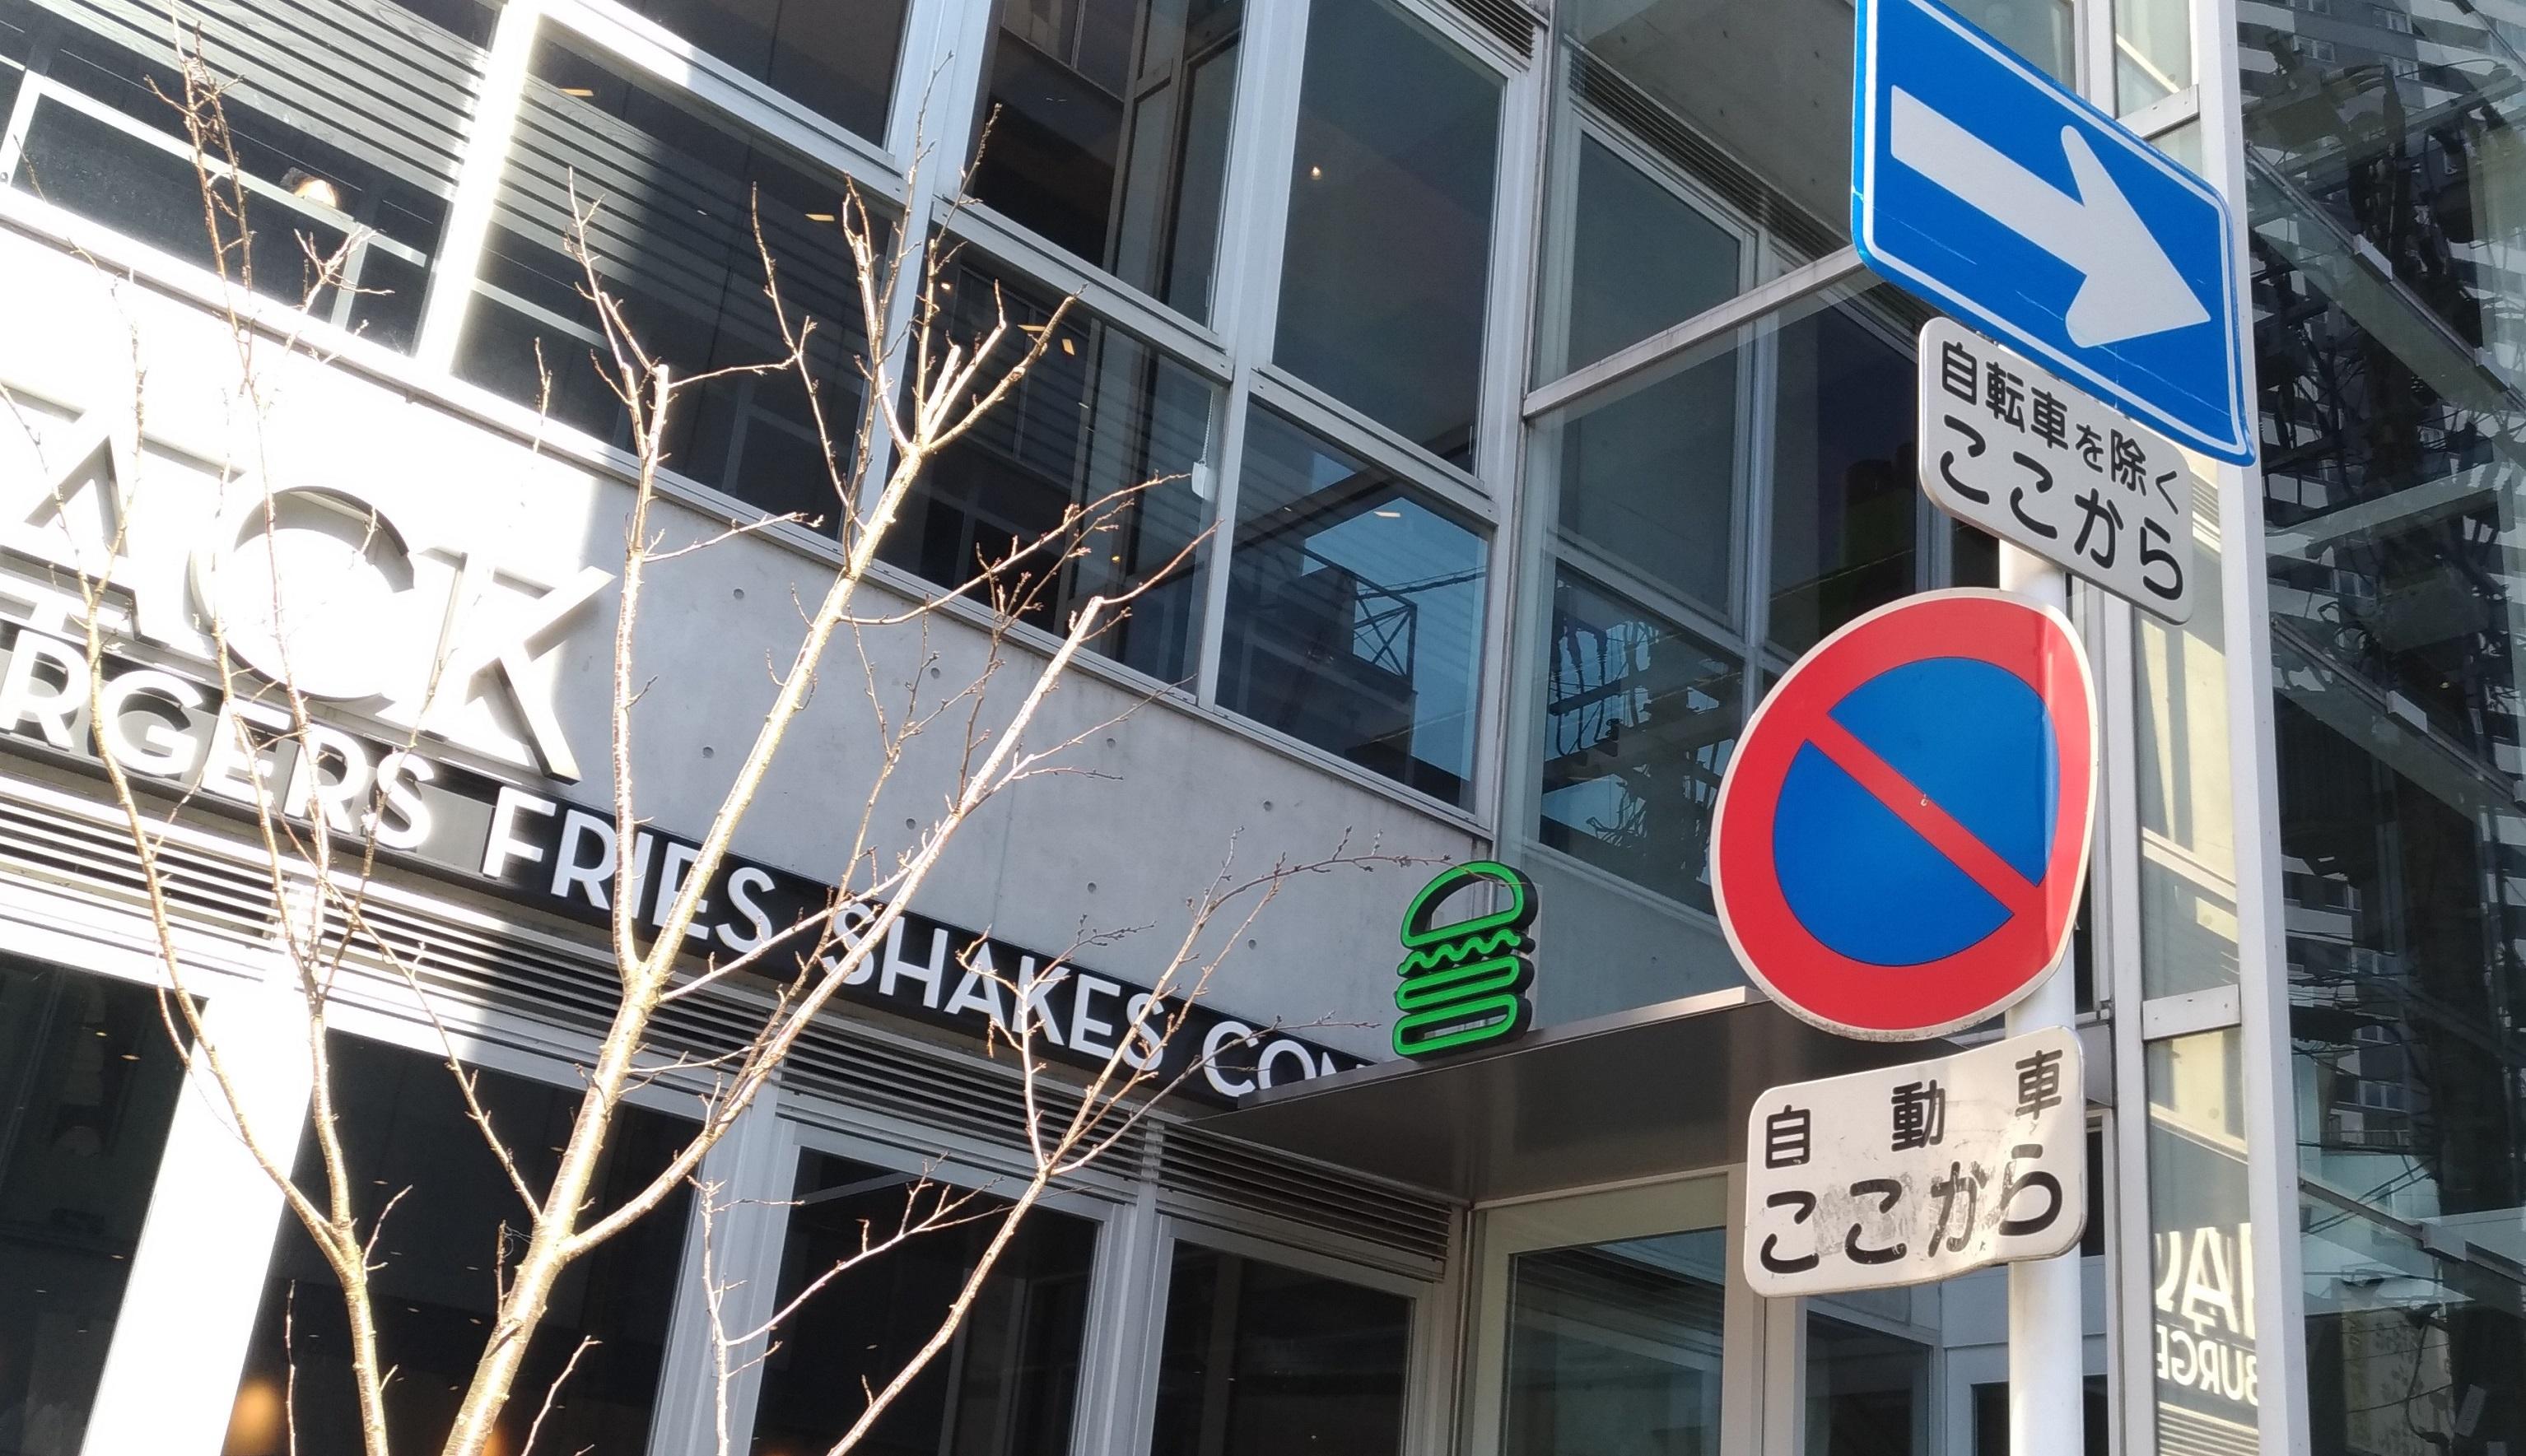 osaka_umeda_shakeshack_tyayamachi1.jpg